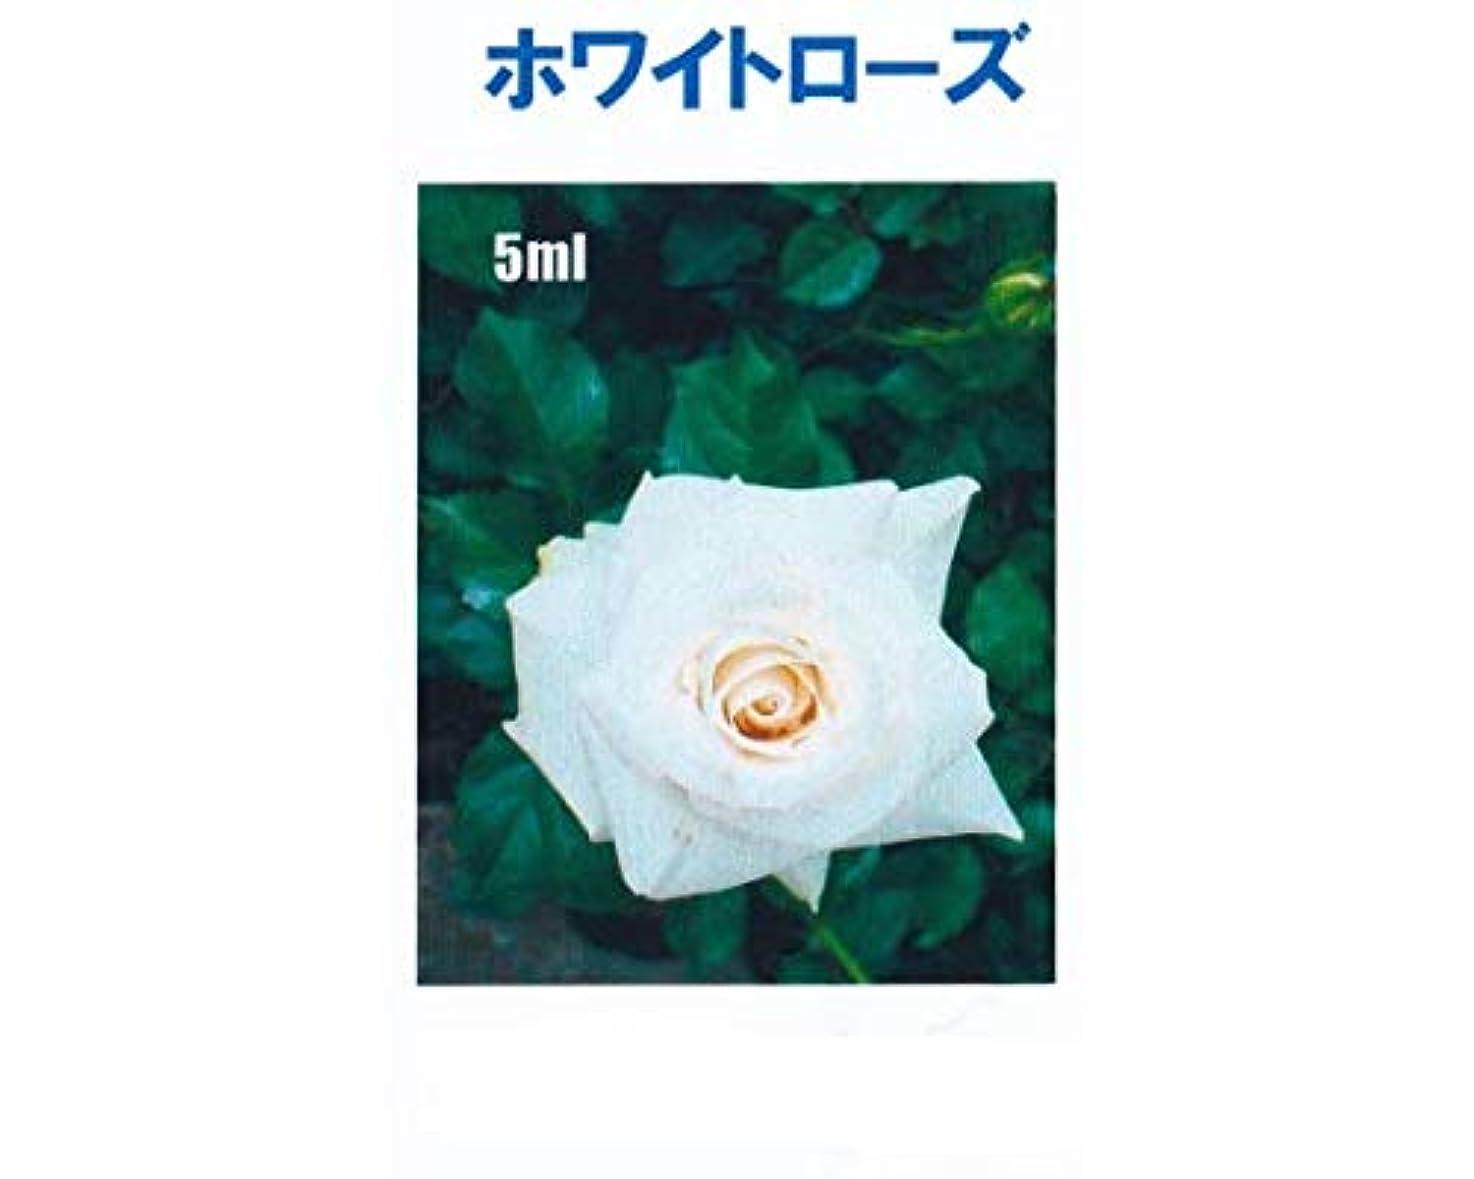 自伝ナイロン違反アロマオイル ホワイトローズ 5ml エッセンシャルオイル 100%天然成分